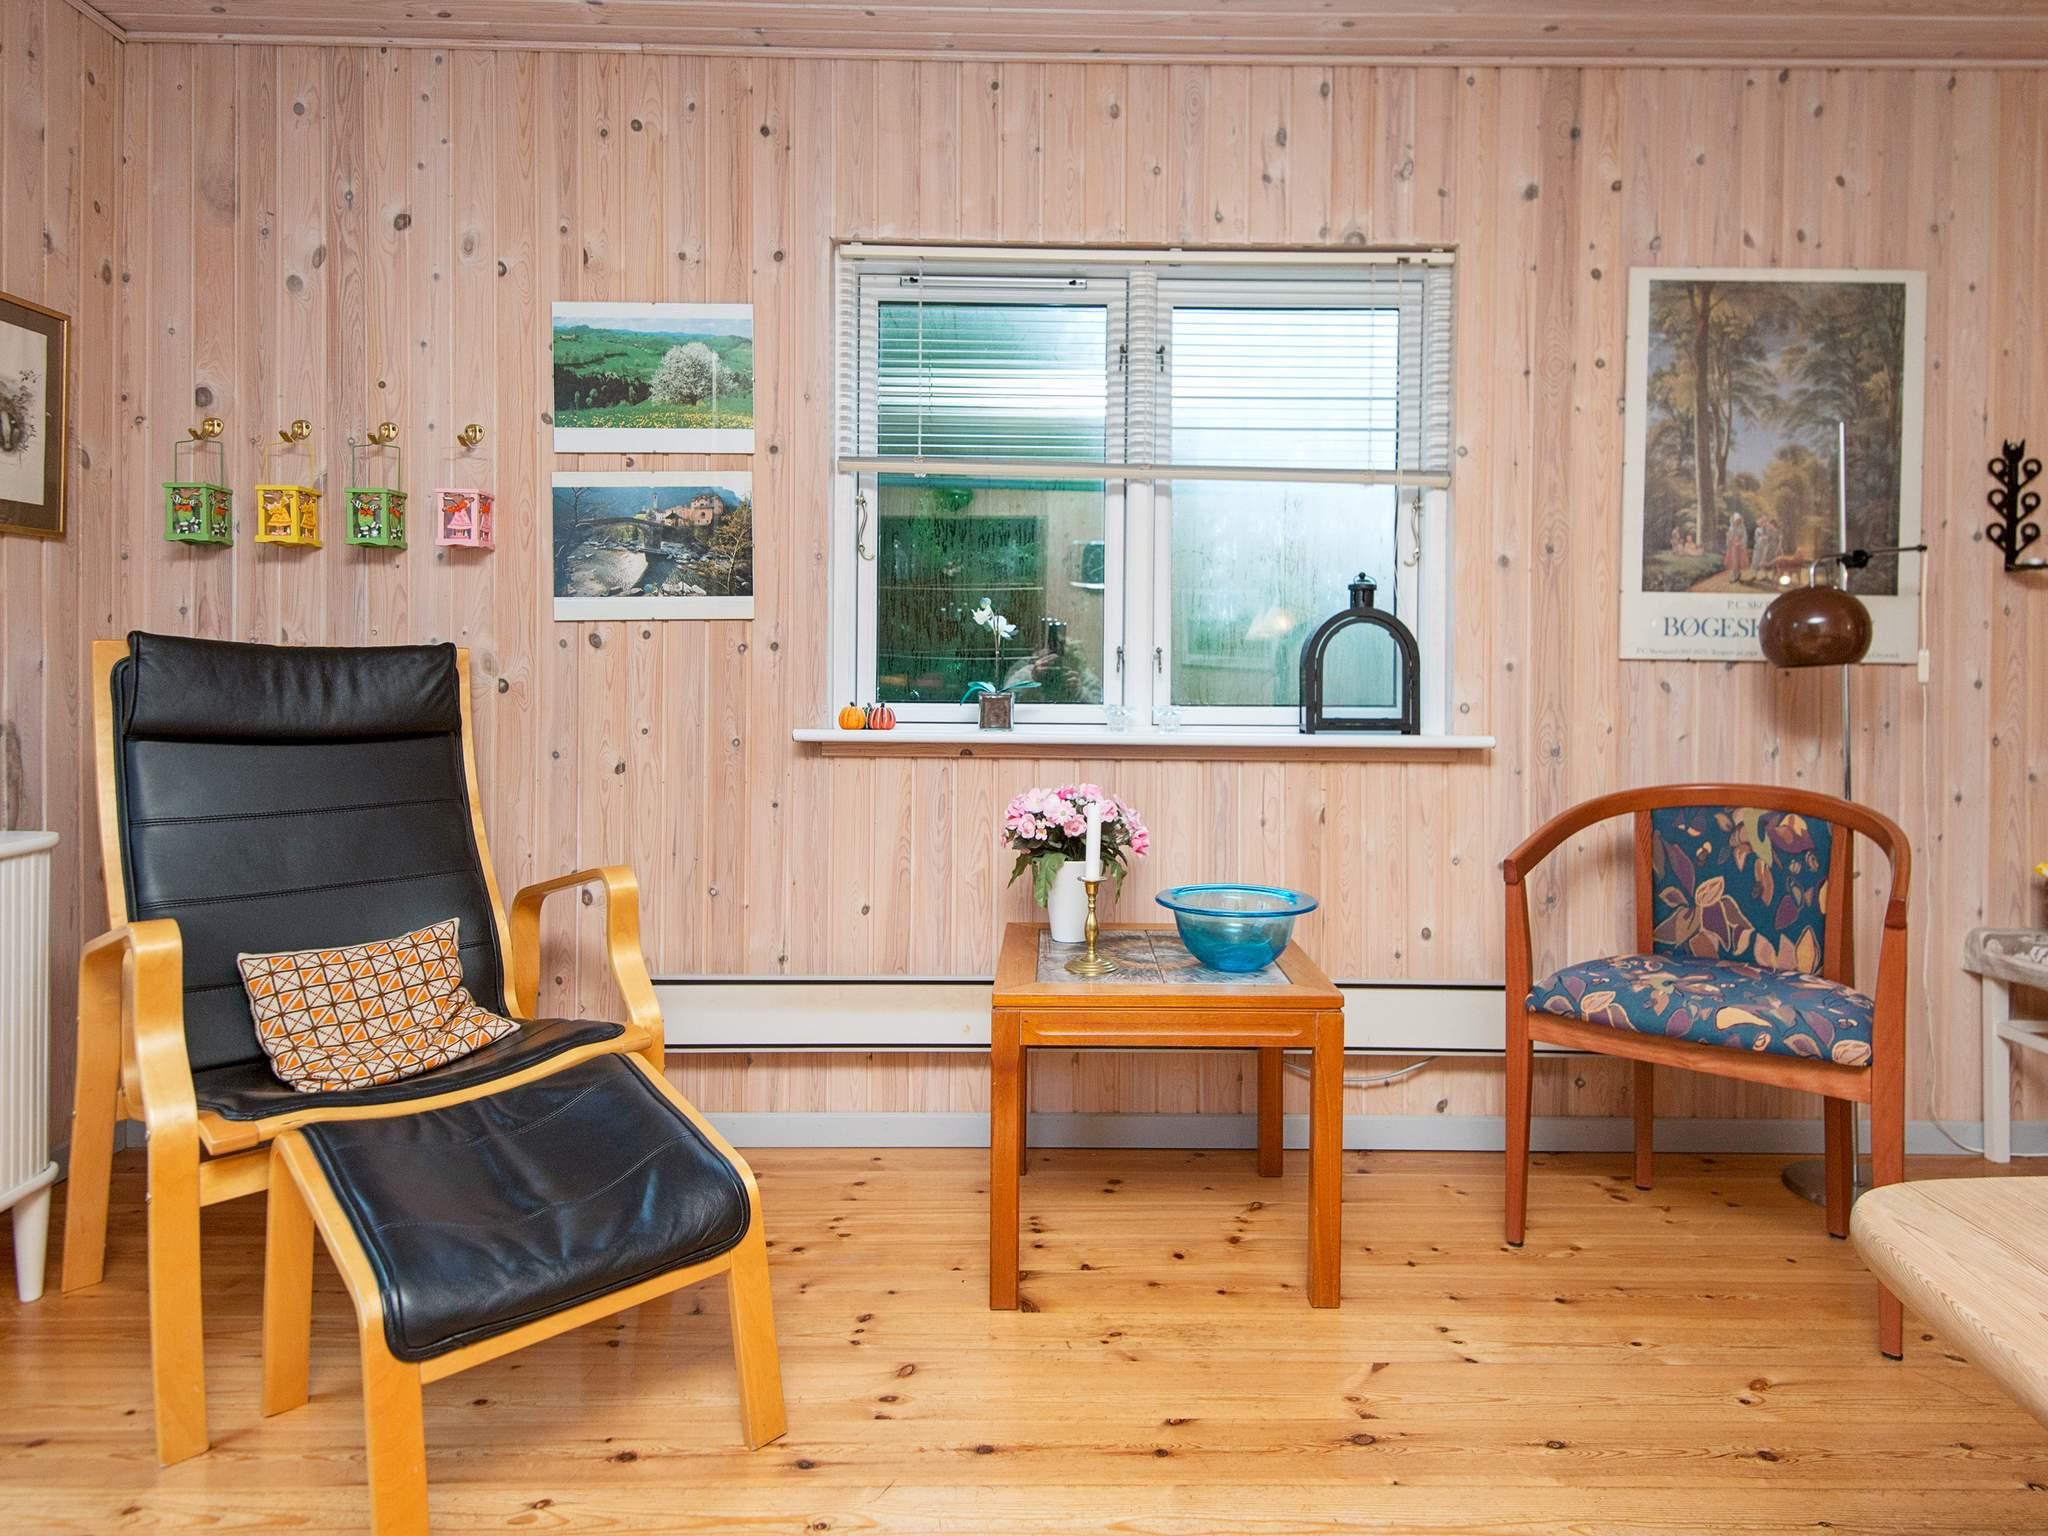 Ferienhaus Silkeborg (2355202), Silkeborg, , Ostjütland, Dänemark, Bild 9